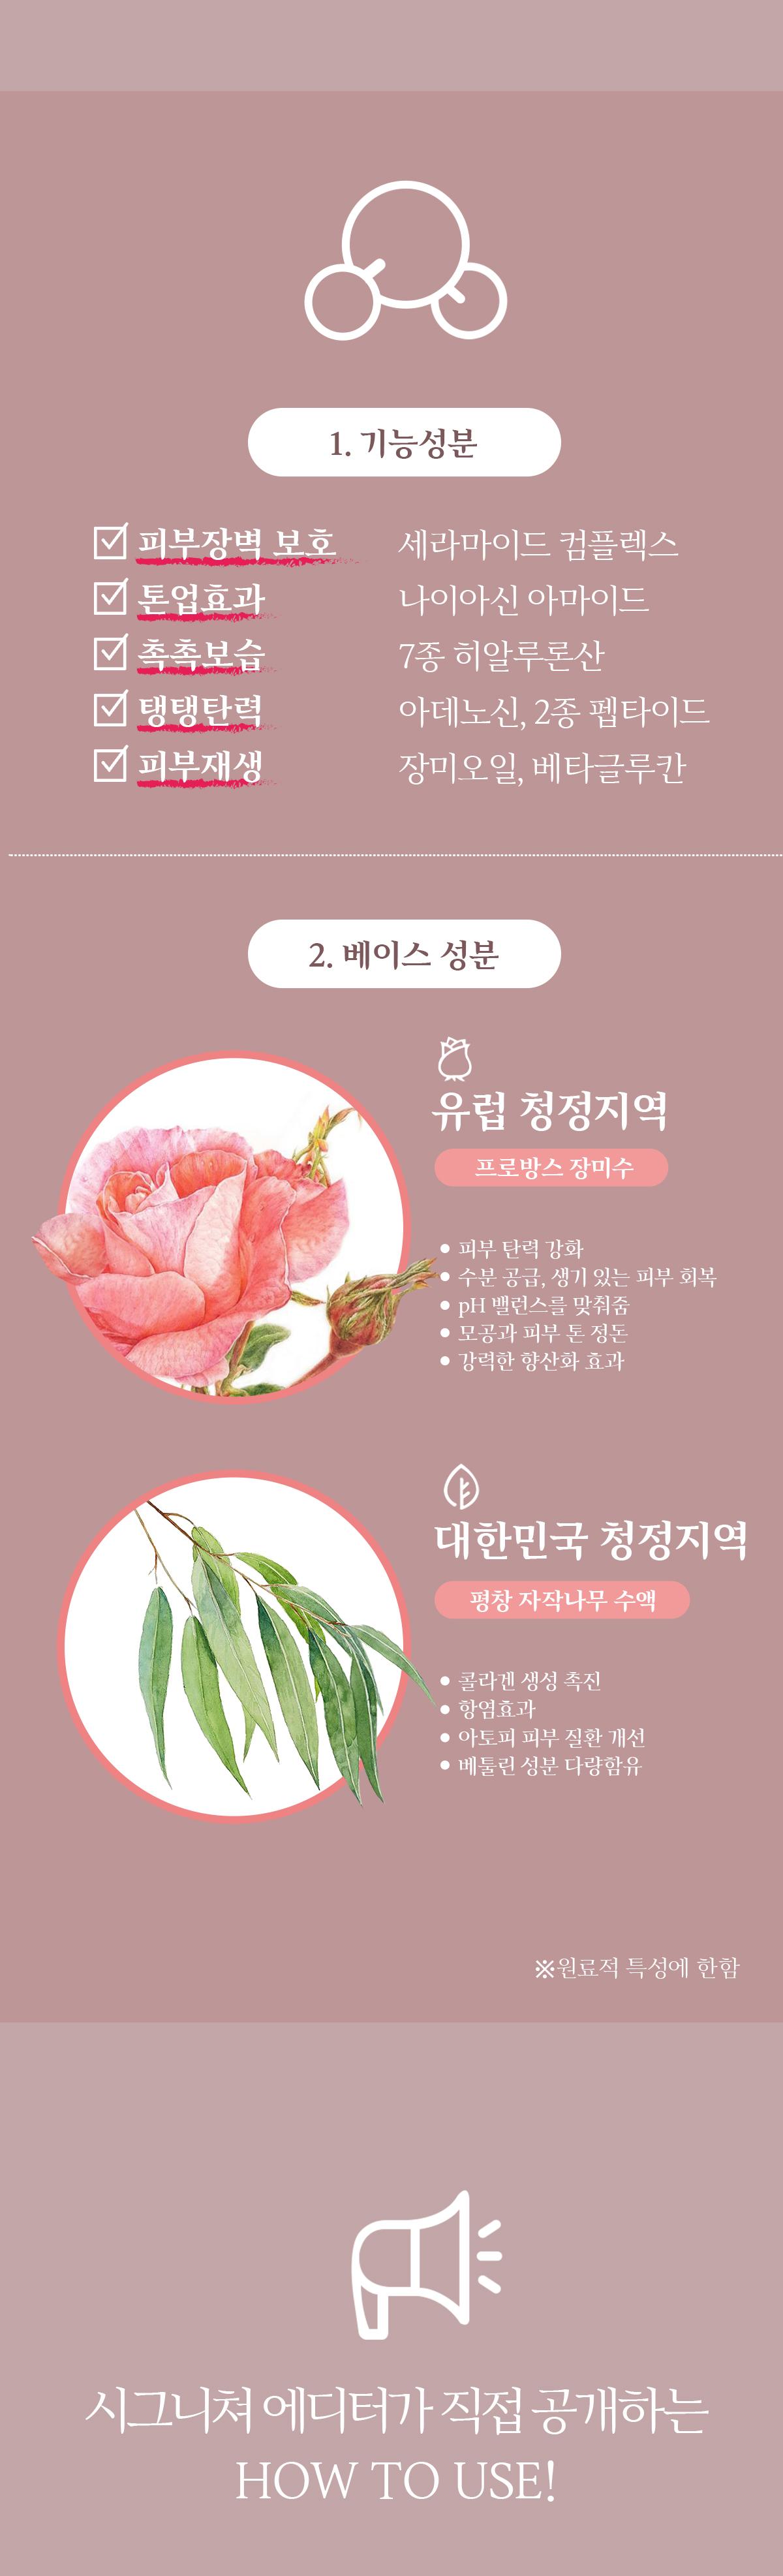 Pocelin_renwal_09_ingredient.jpg